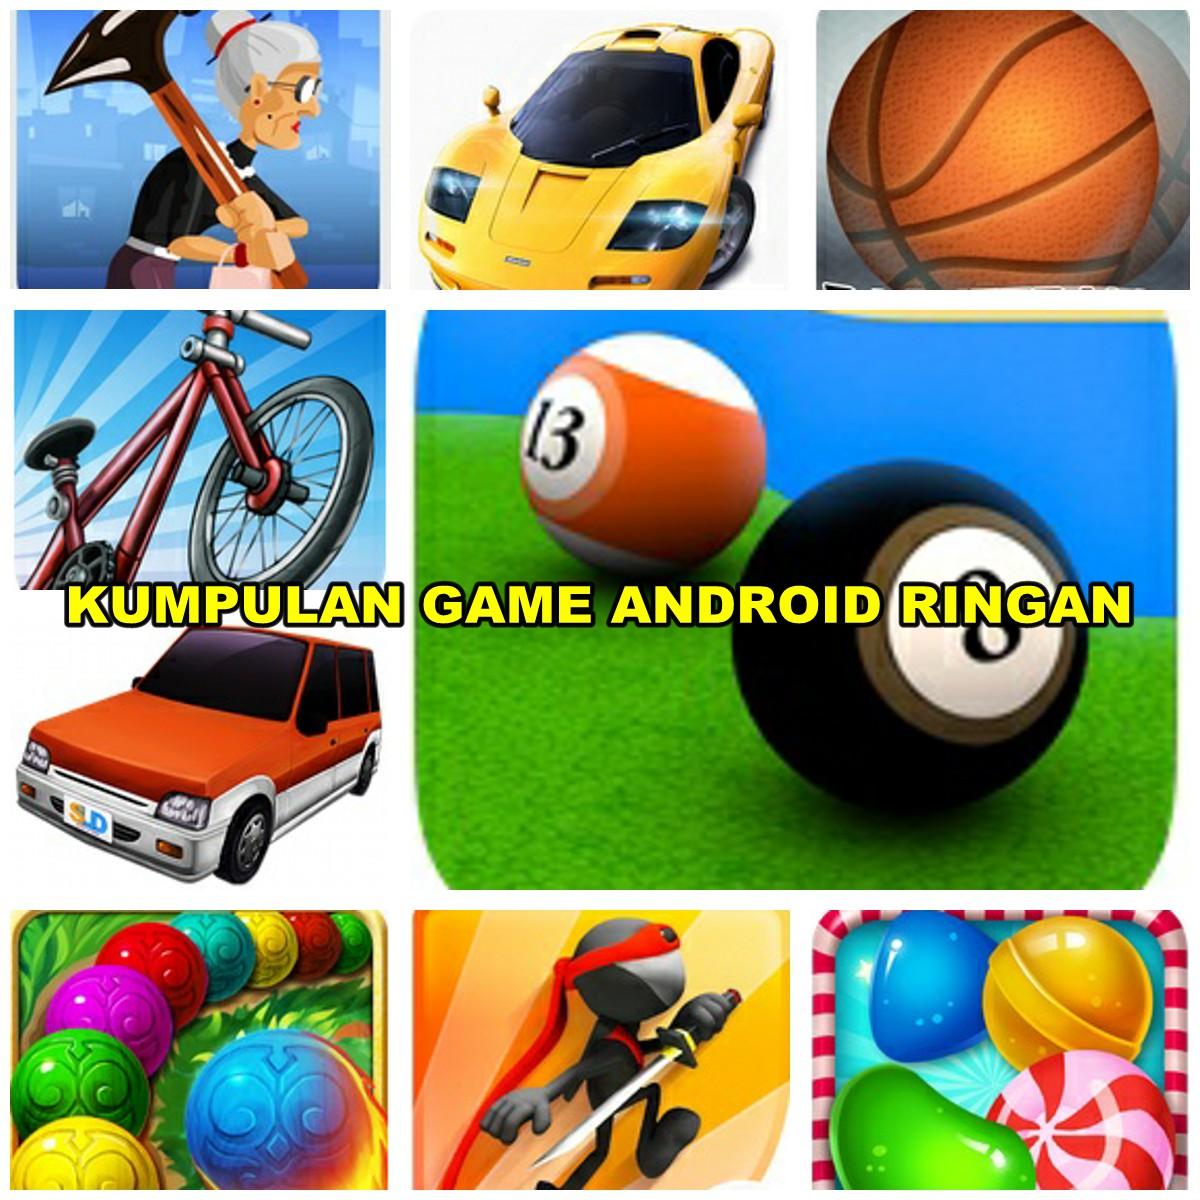 Kumpulan Game Android Ringan Berukuran Kecil Mulai 5 MB